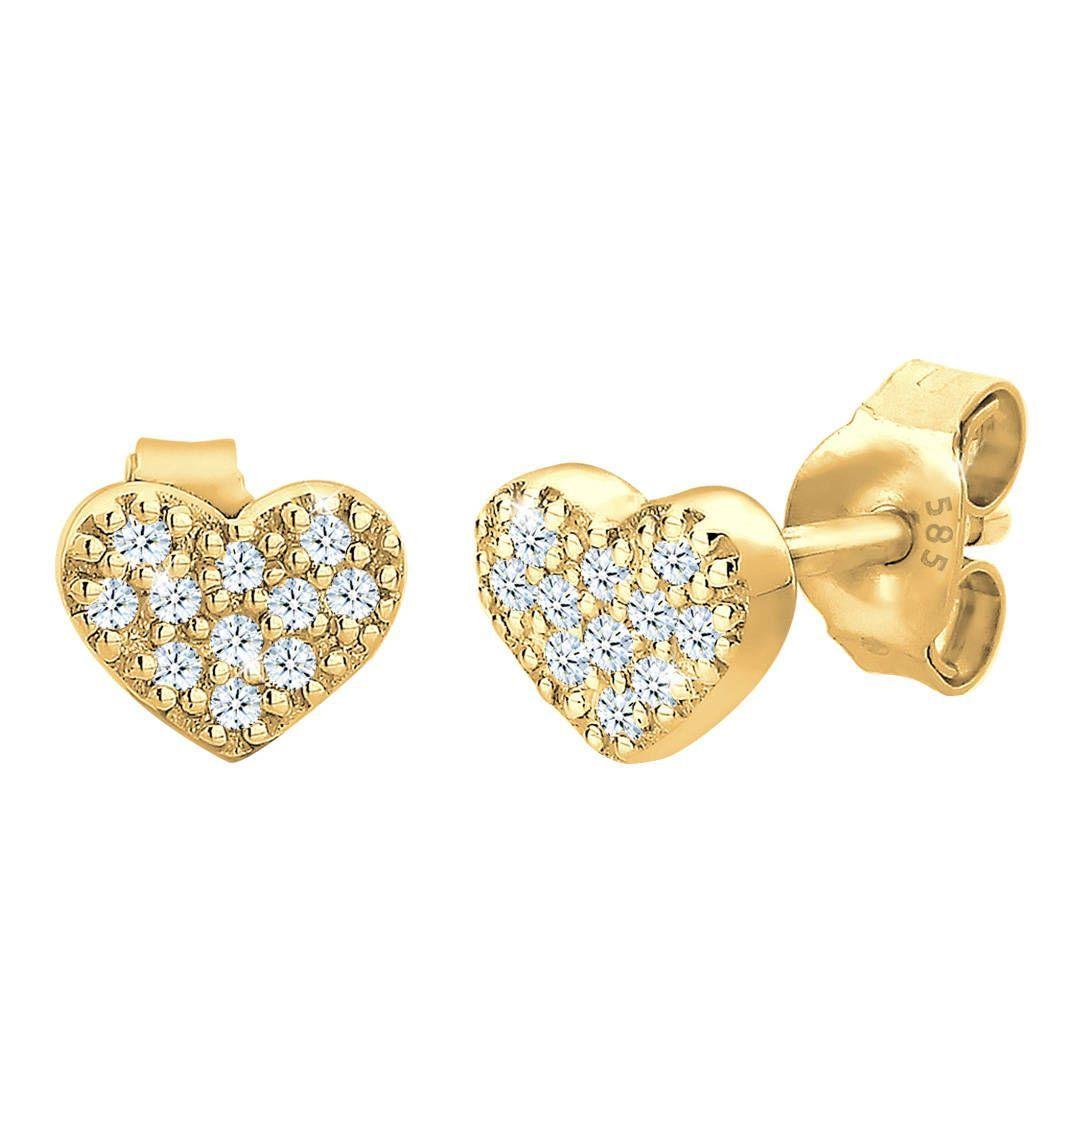 Herz Diamant Basic Filigran 585 GelbgoldOhrringe Herz Diamant Basic Filigran 585 Gelbgold